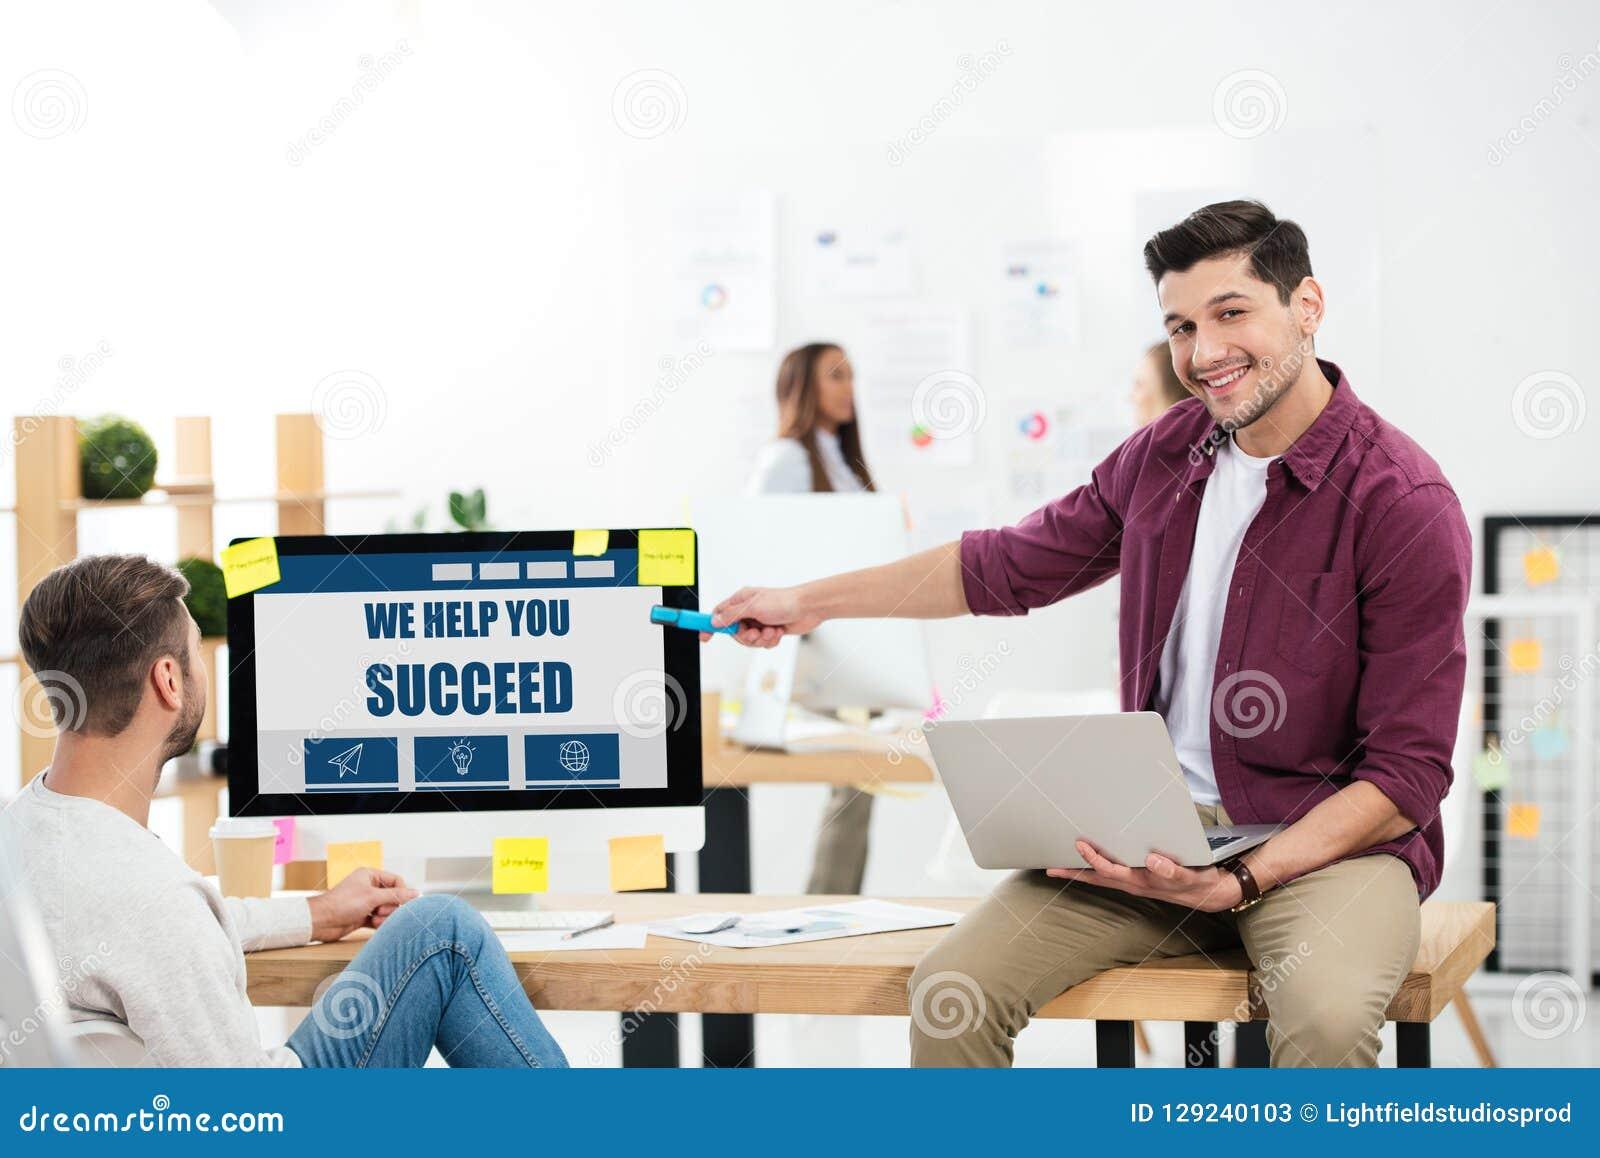 Zakenman het richten bij helpen wij u inschrijving op het computerscherm slagen terwijl het werken bij werkplaats met collega